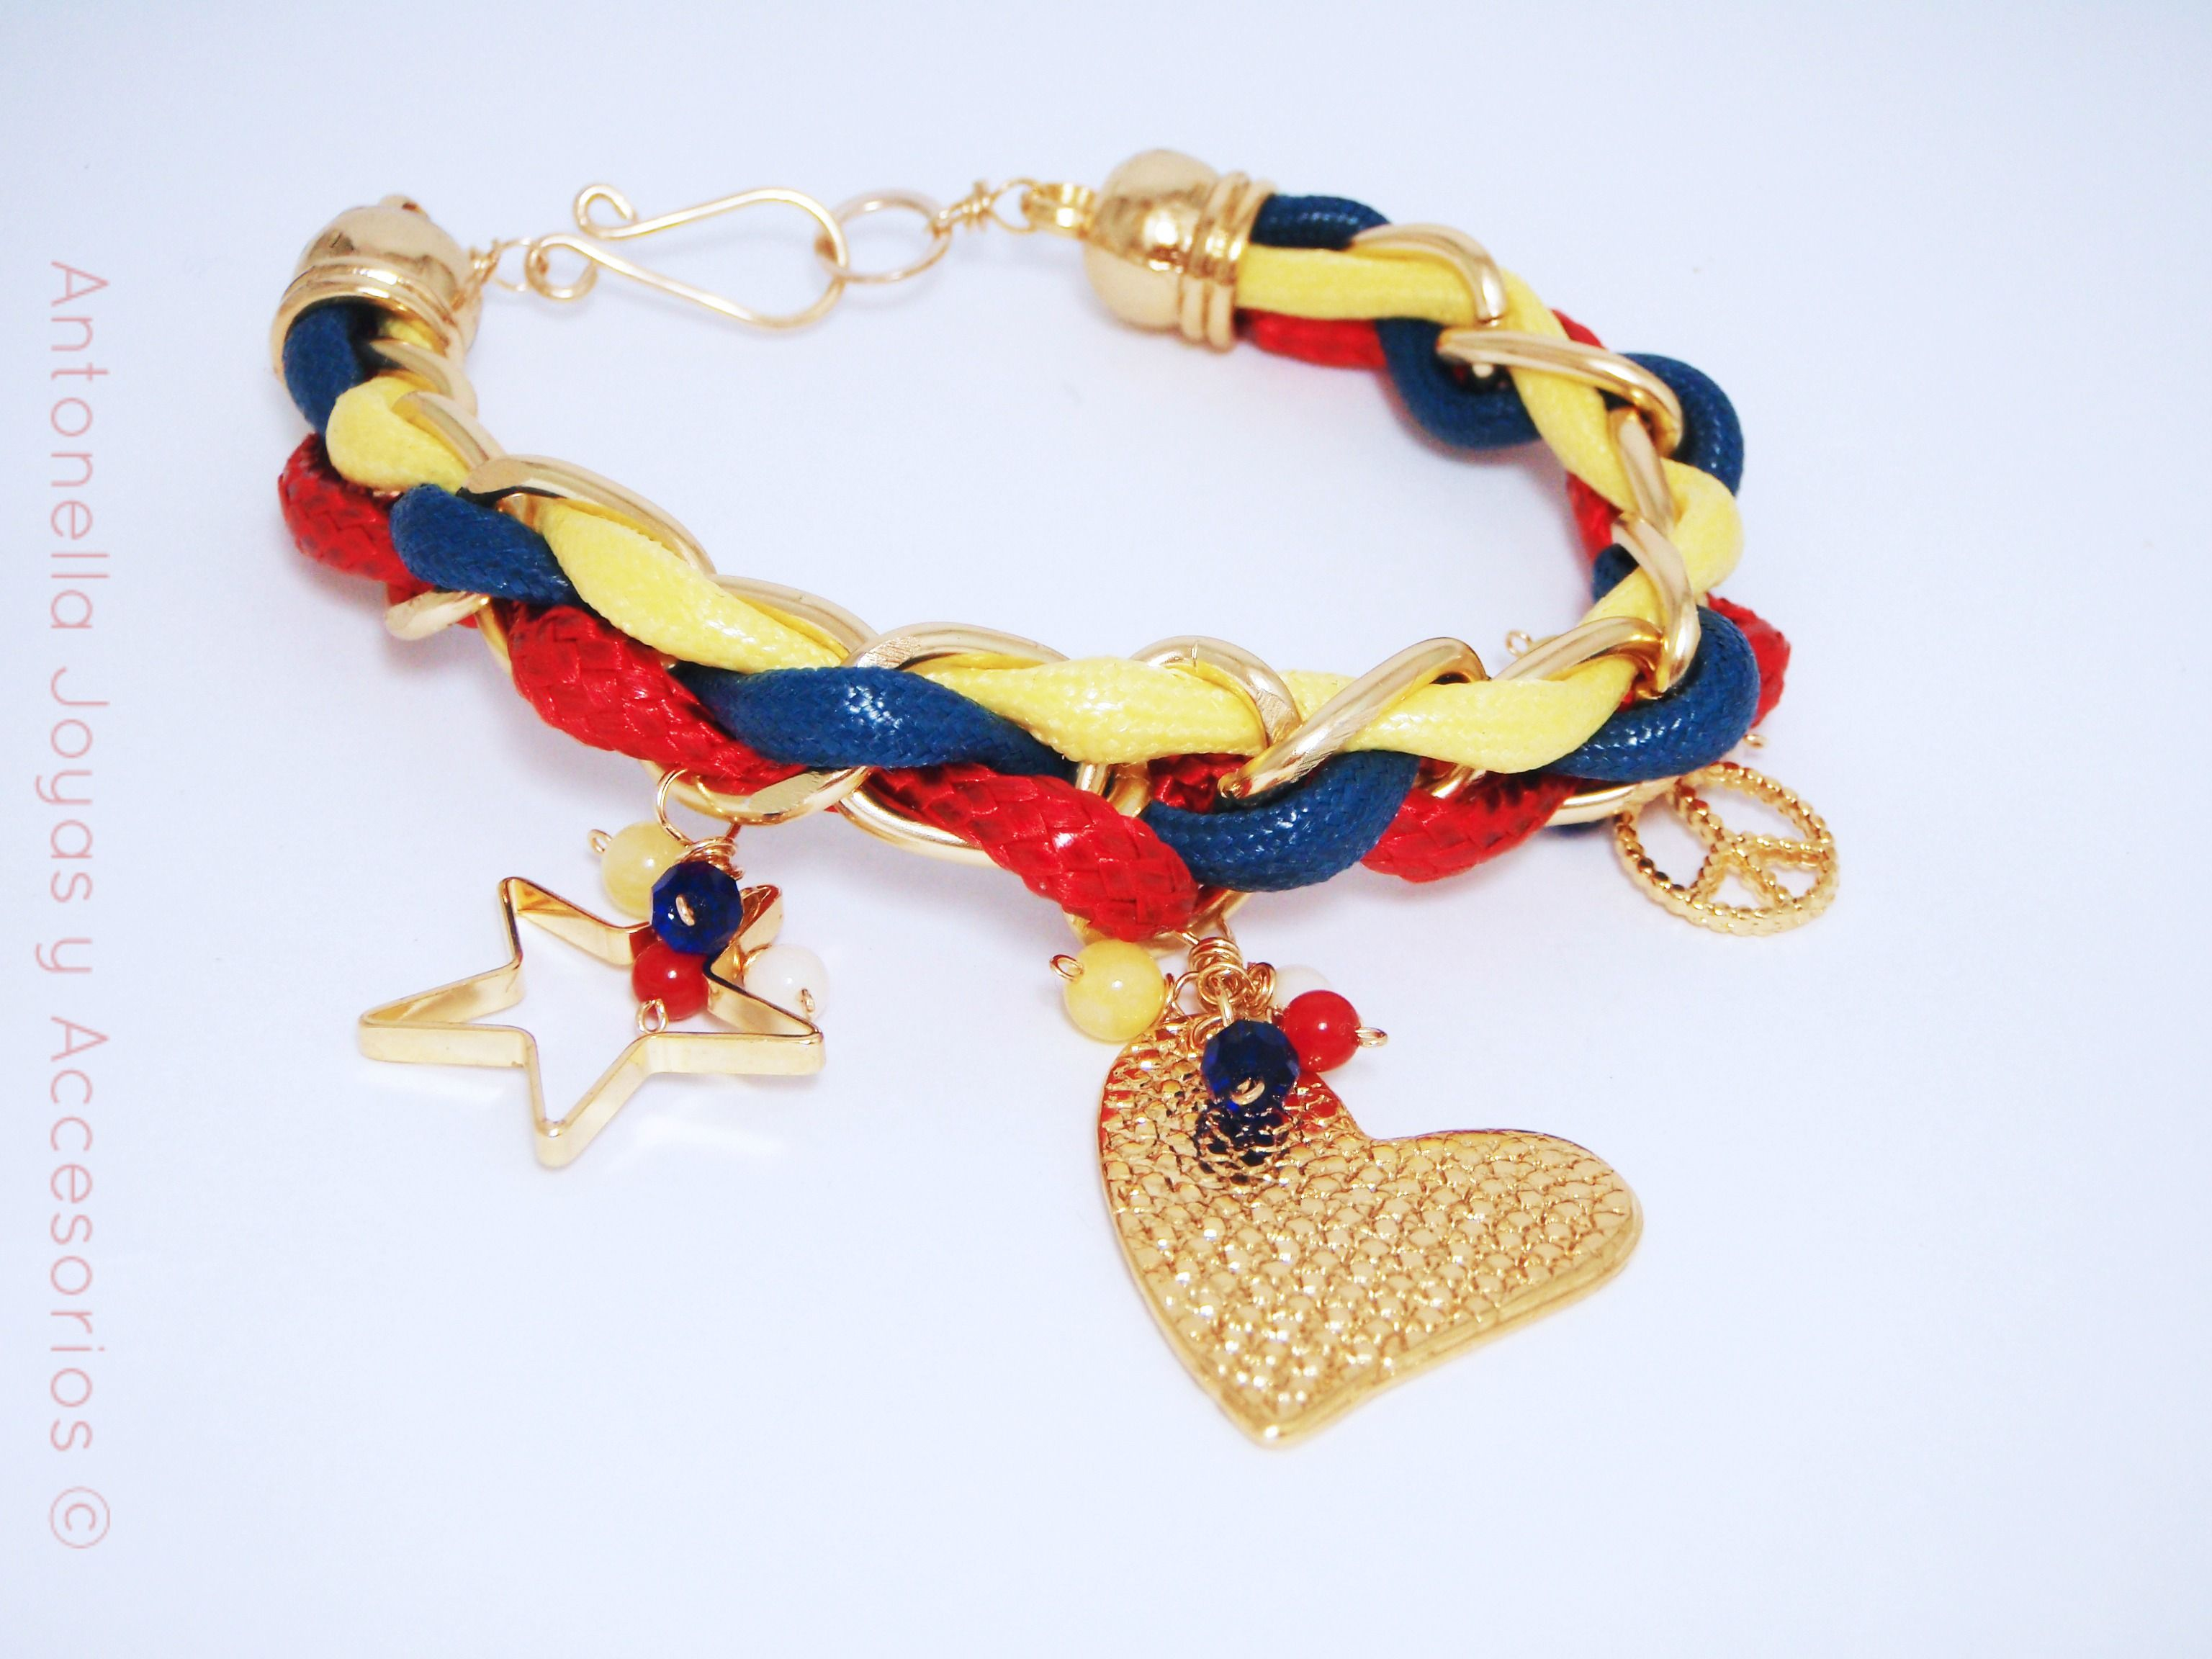 4160b296c1b3 Código pul-0005 Pulsera inspirada en los colores de la bandera de Venezuela.   bracelets  venezuela